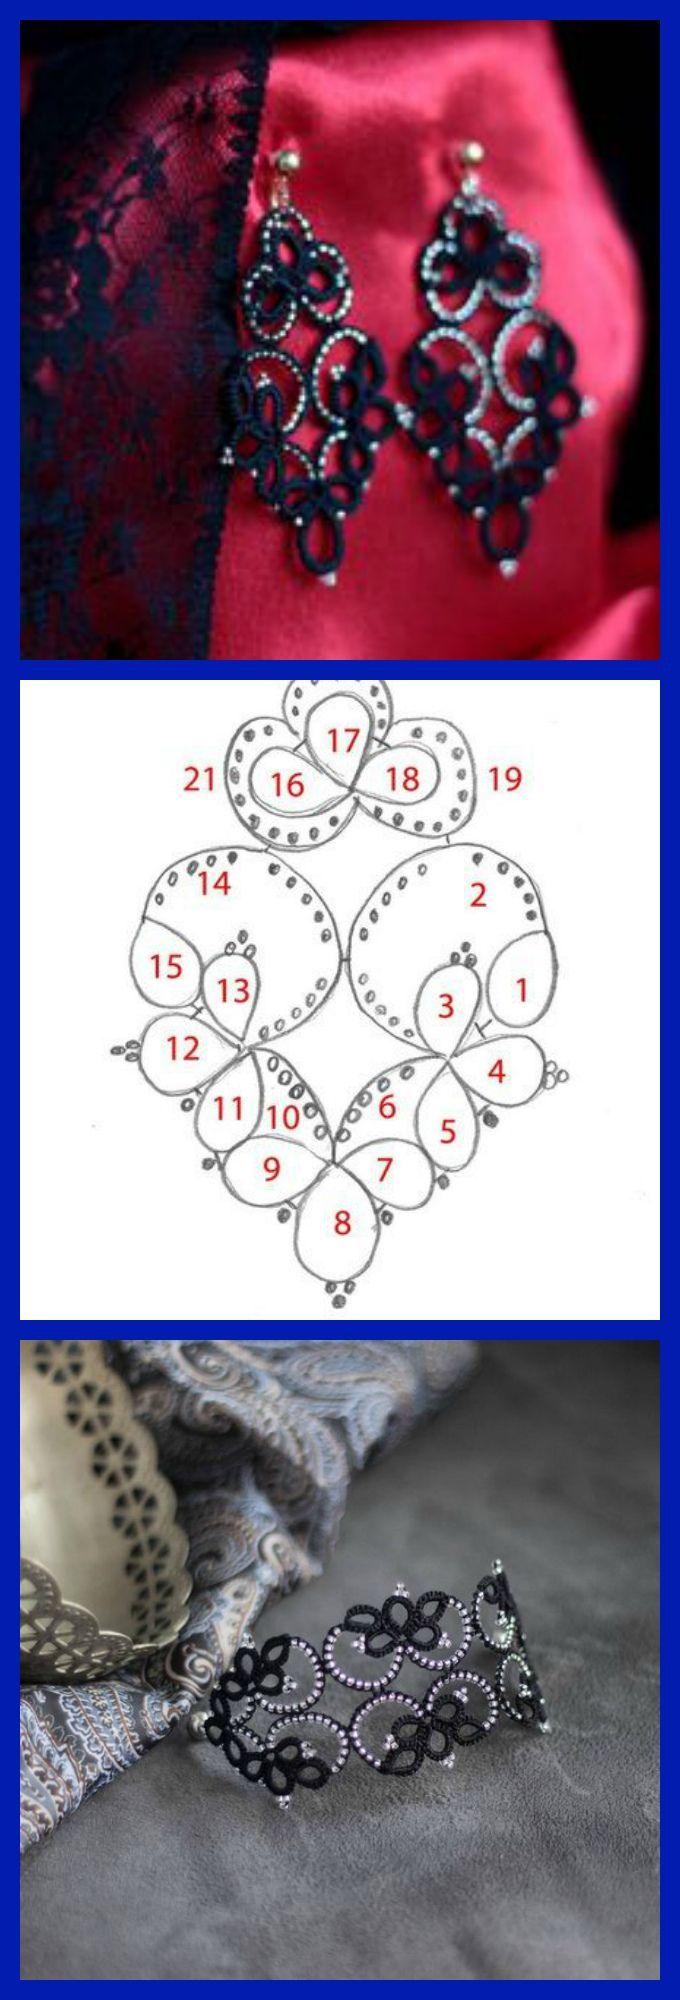 691c13516b7e1c93e2828b7be0715959.jpg 680×2,000 ピクセル